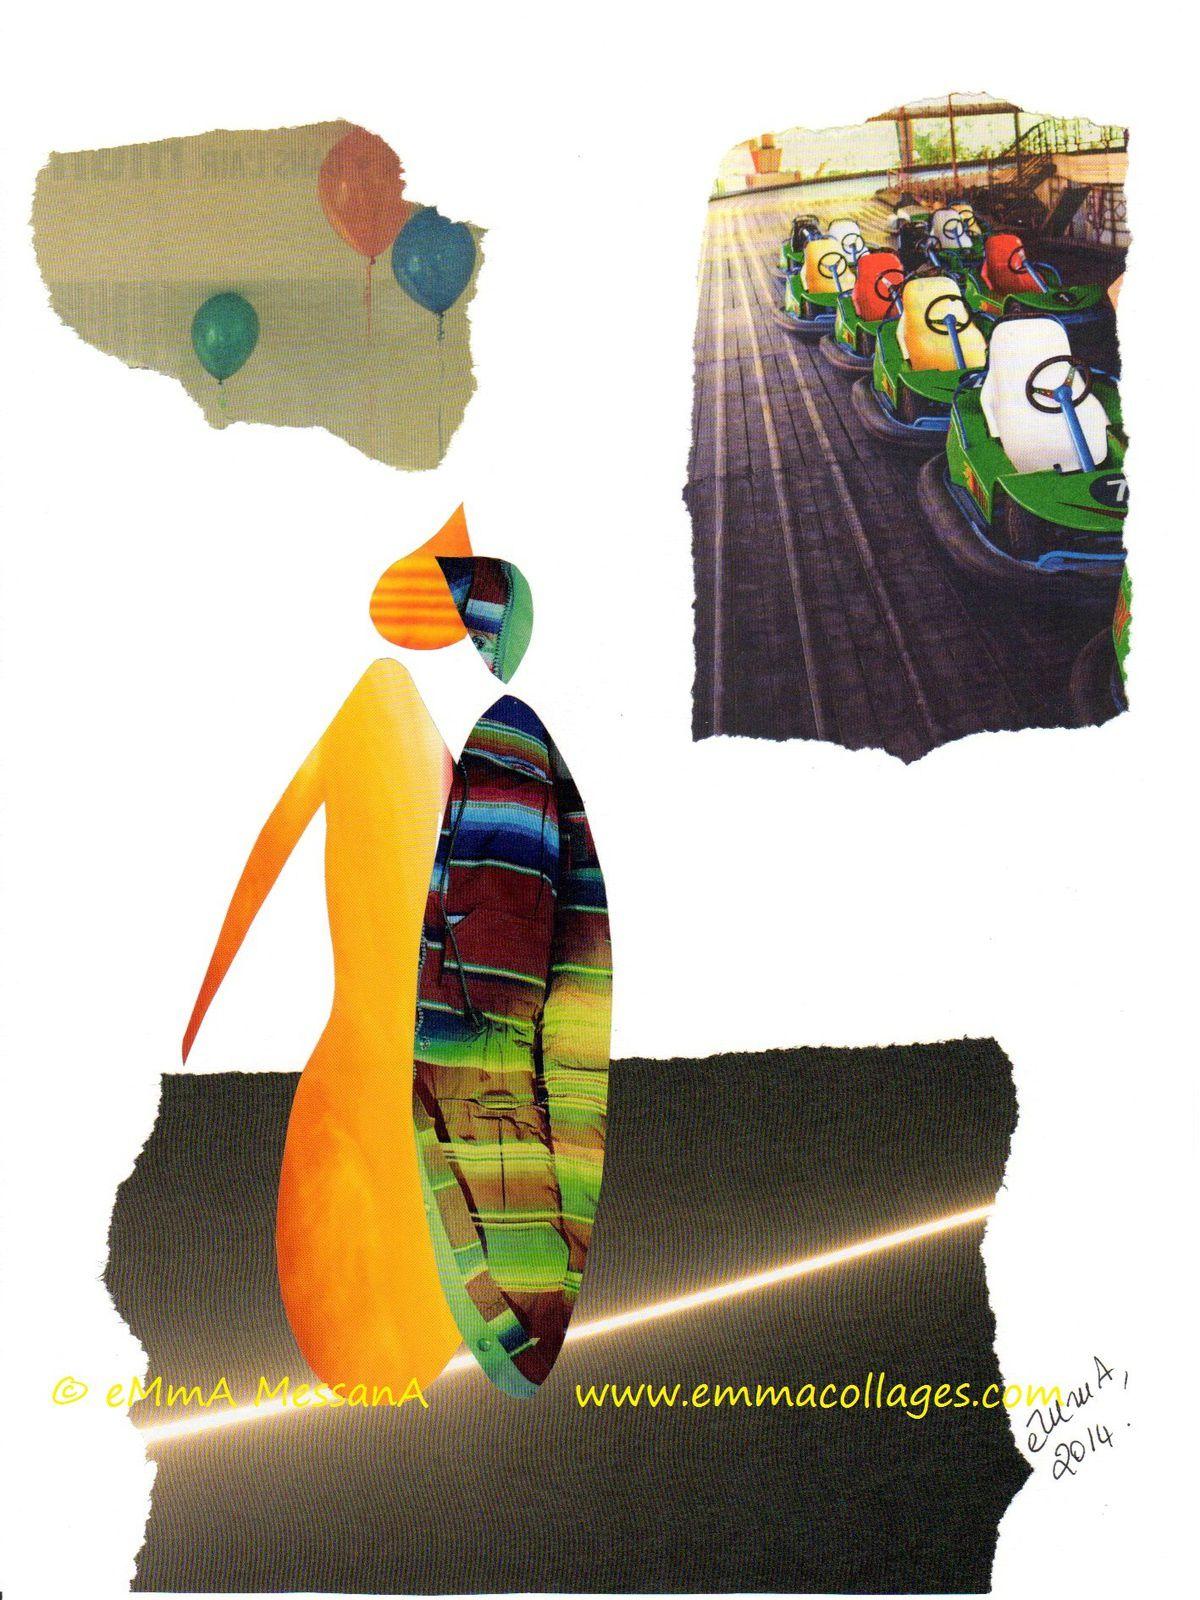 """Les Collages d'eMmA MessanA, collage """"Collé-serré"""", pièce unique © eMmA MessanA"""